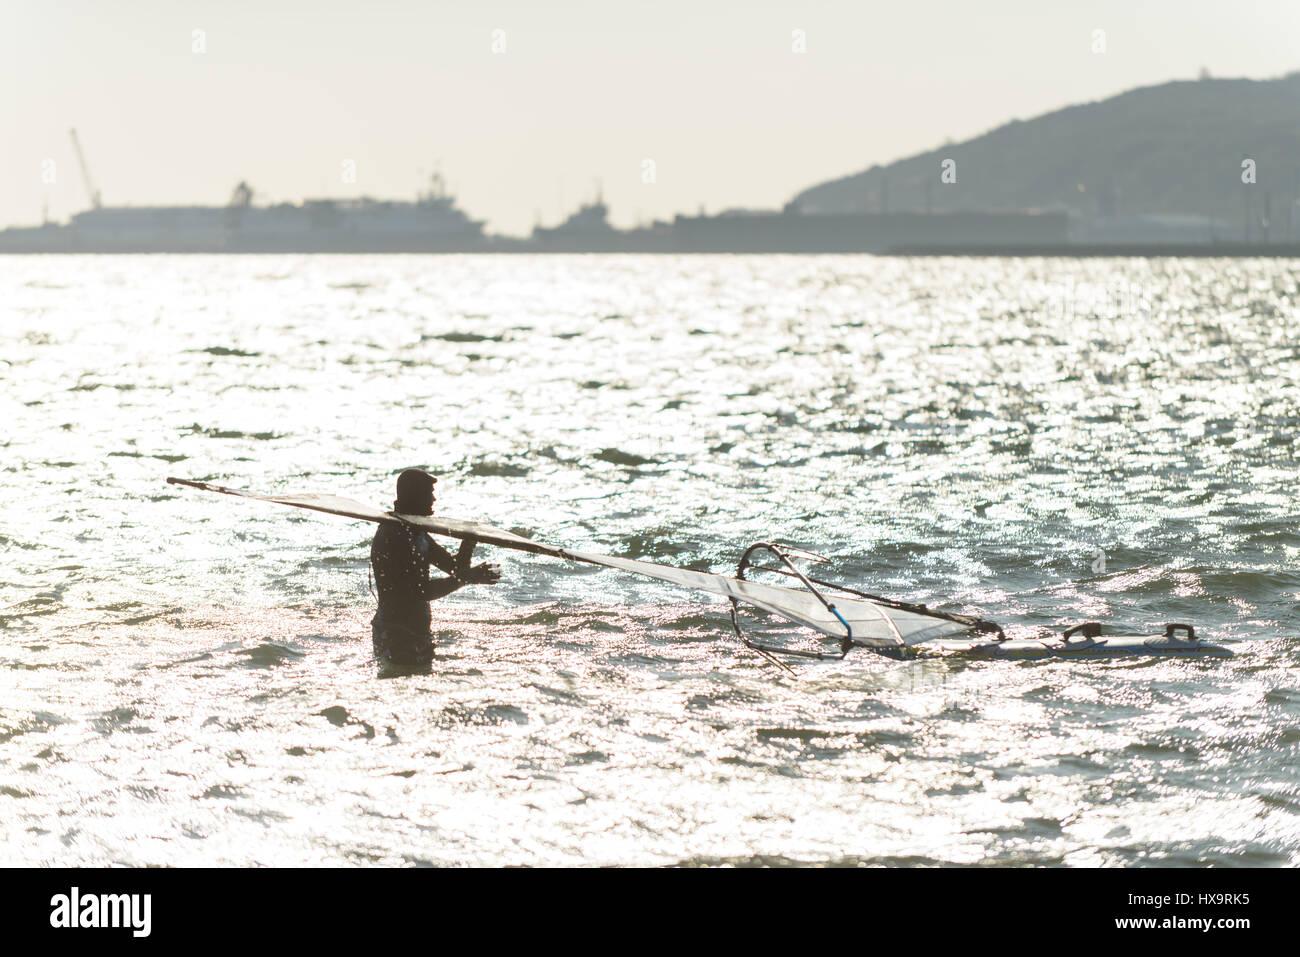 Le port de Portland, Dorset, UK. 26 mars 2017. Un homme de la préparation de son de la planche à voile Photo Stock